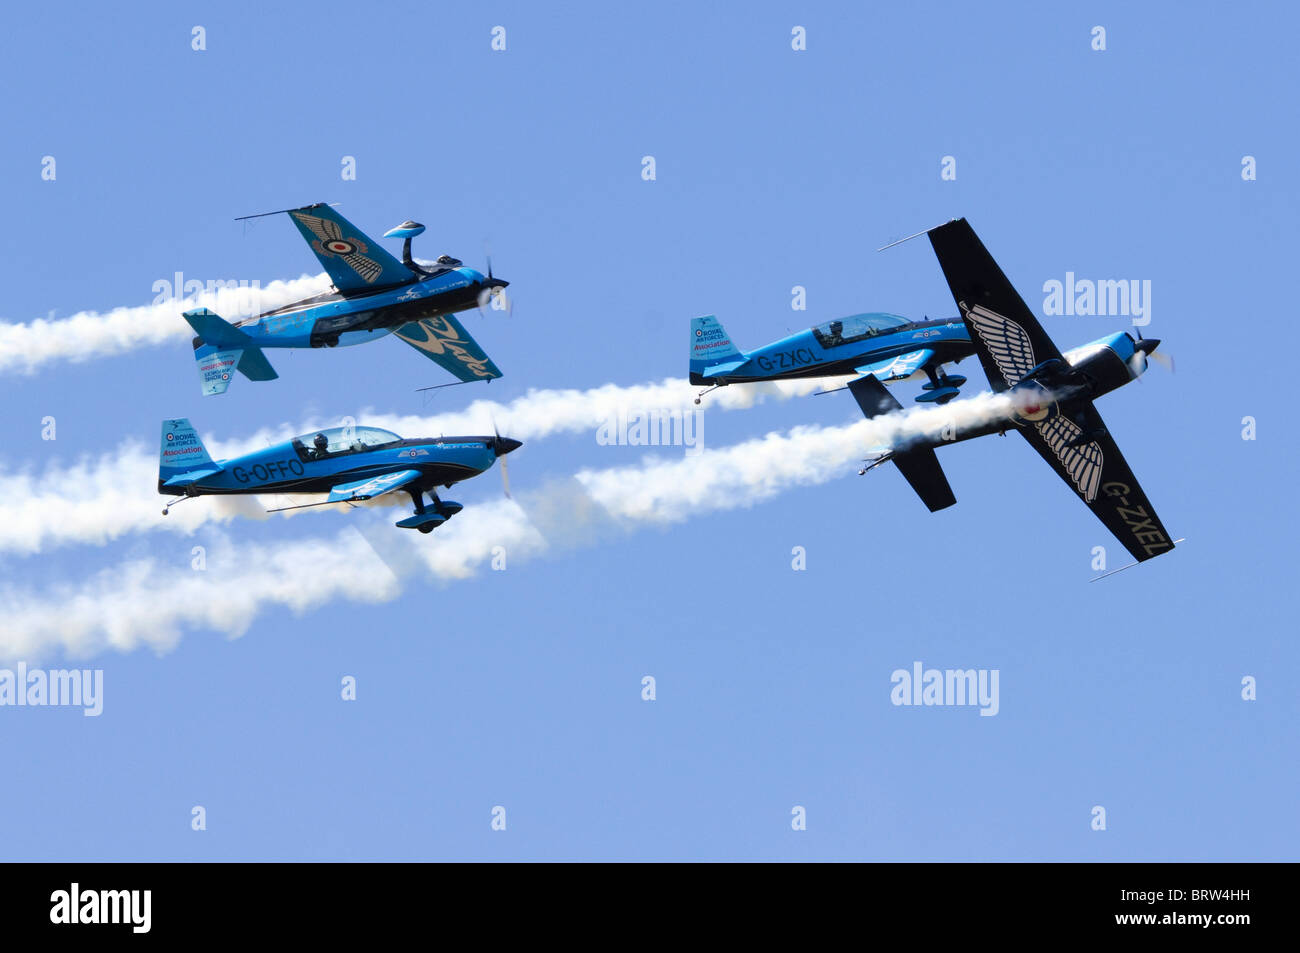 L'équipe de lames faisant un survol de la formation à Farnborough Airshow Photo Stock